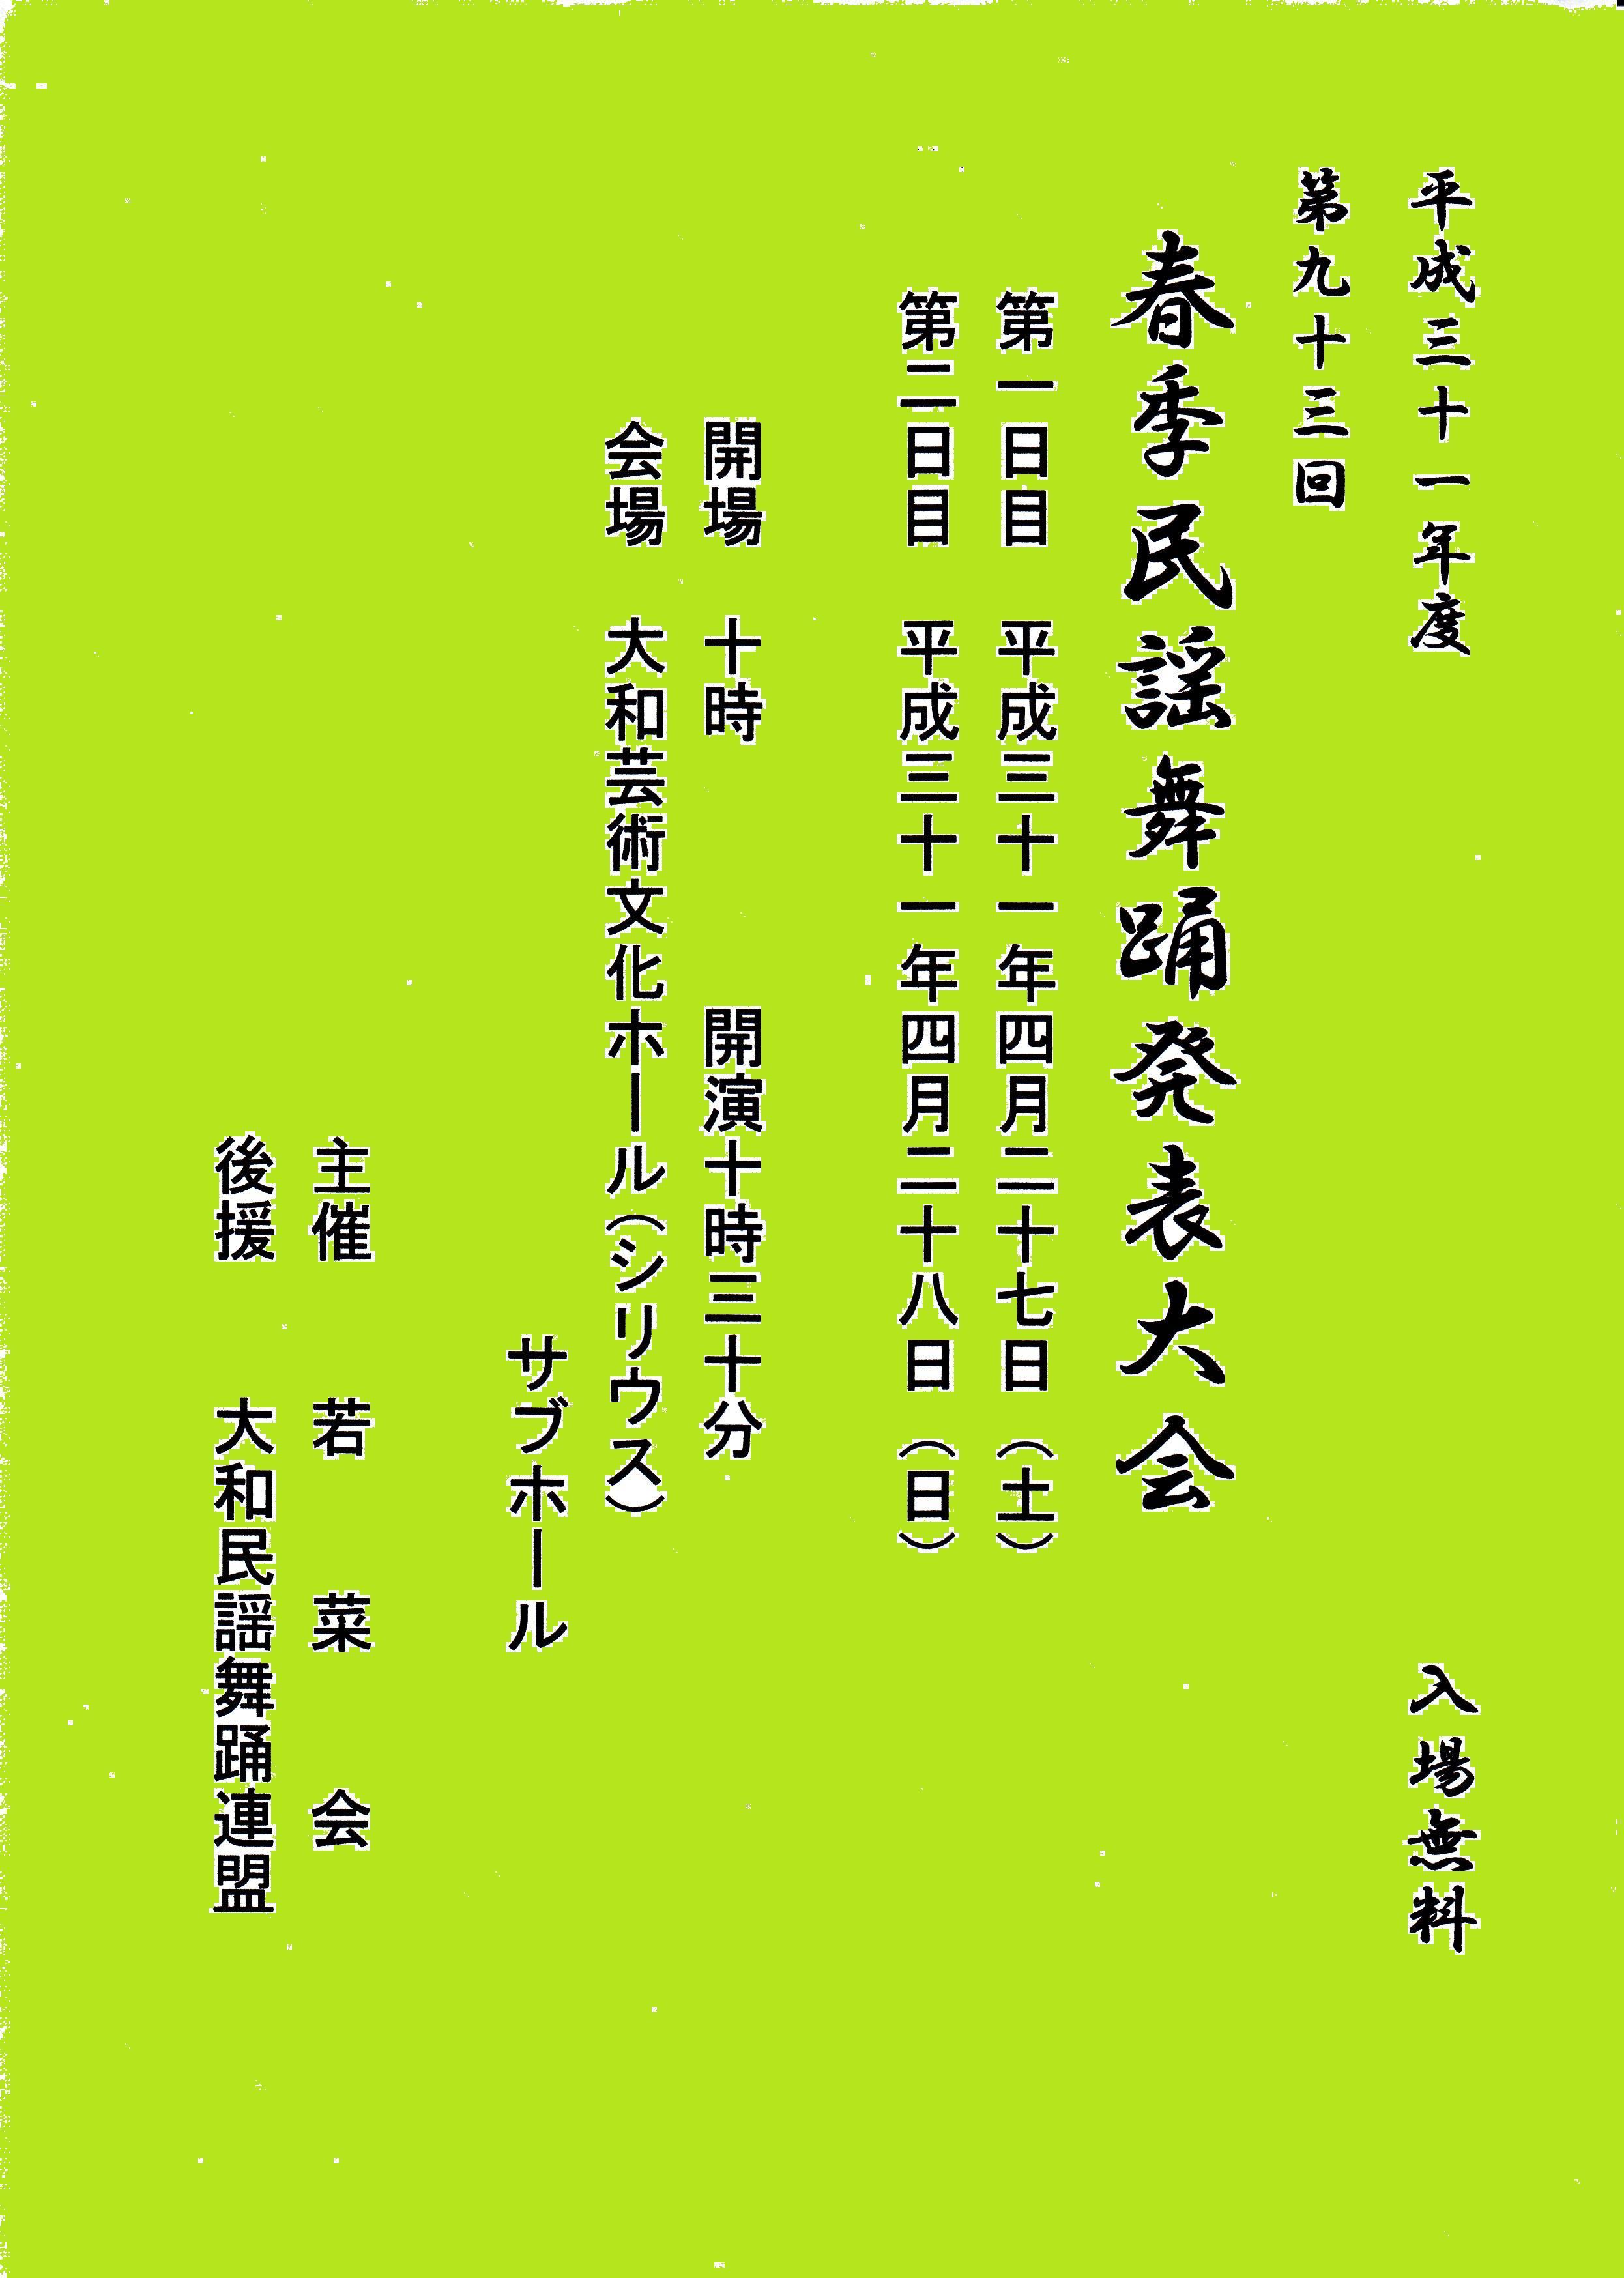 大和民謡舞踊連盟 第93回春季民謡舞踊発表大会